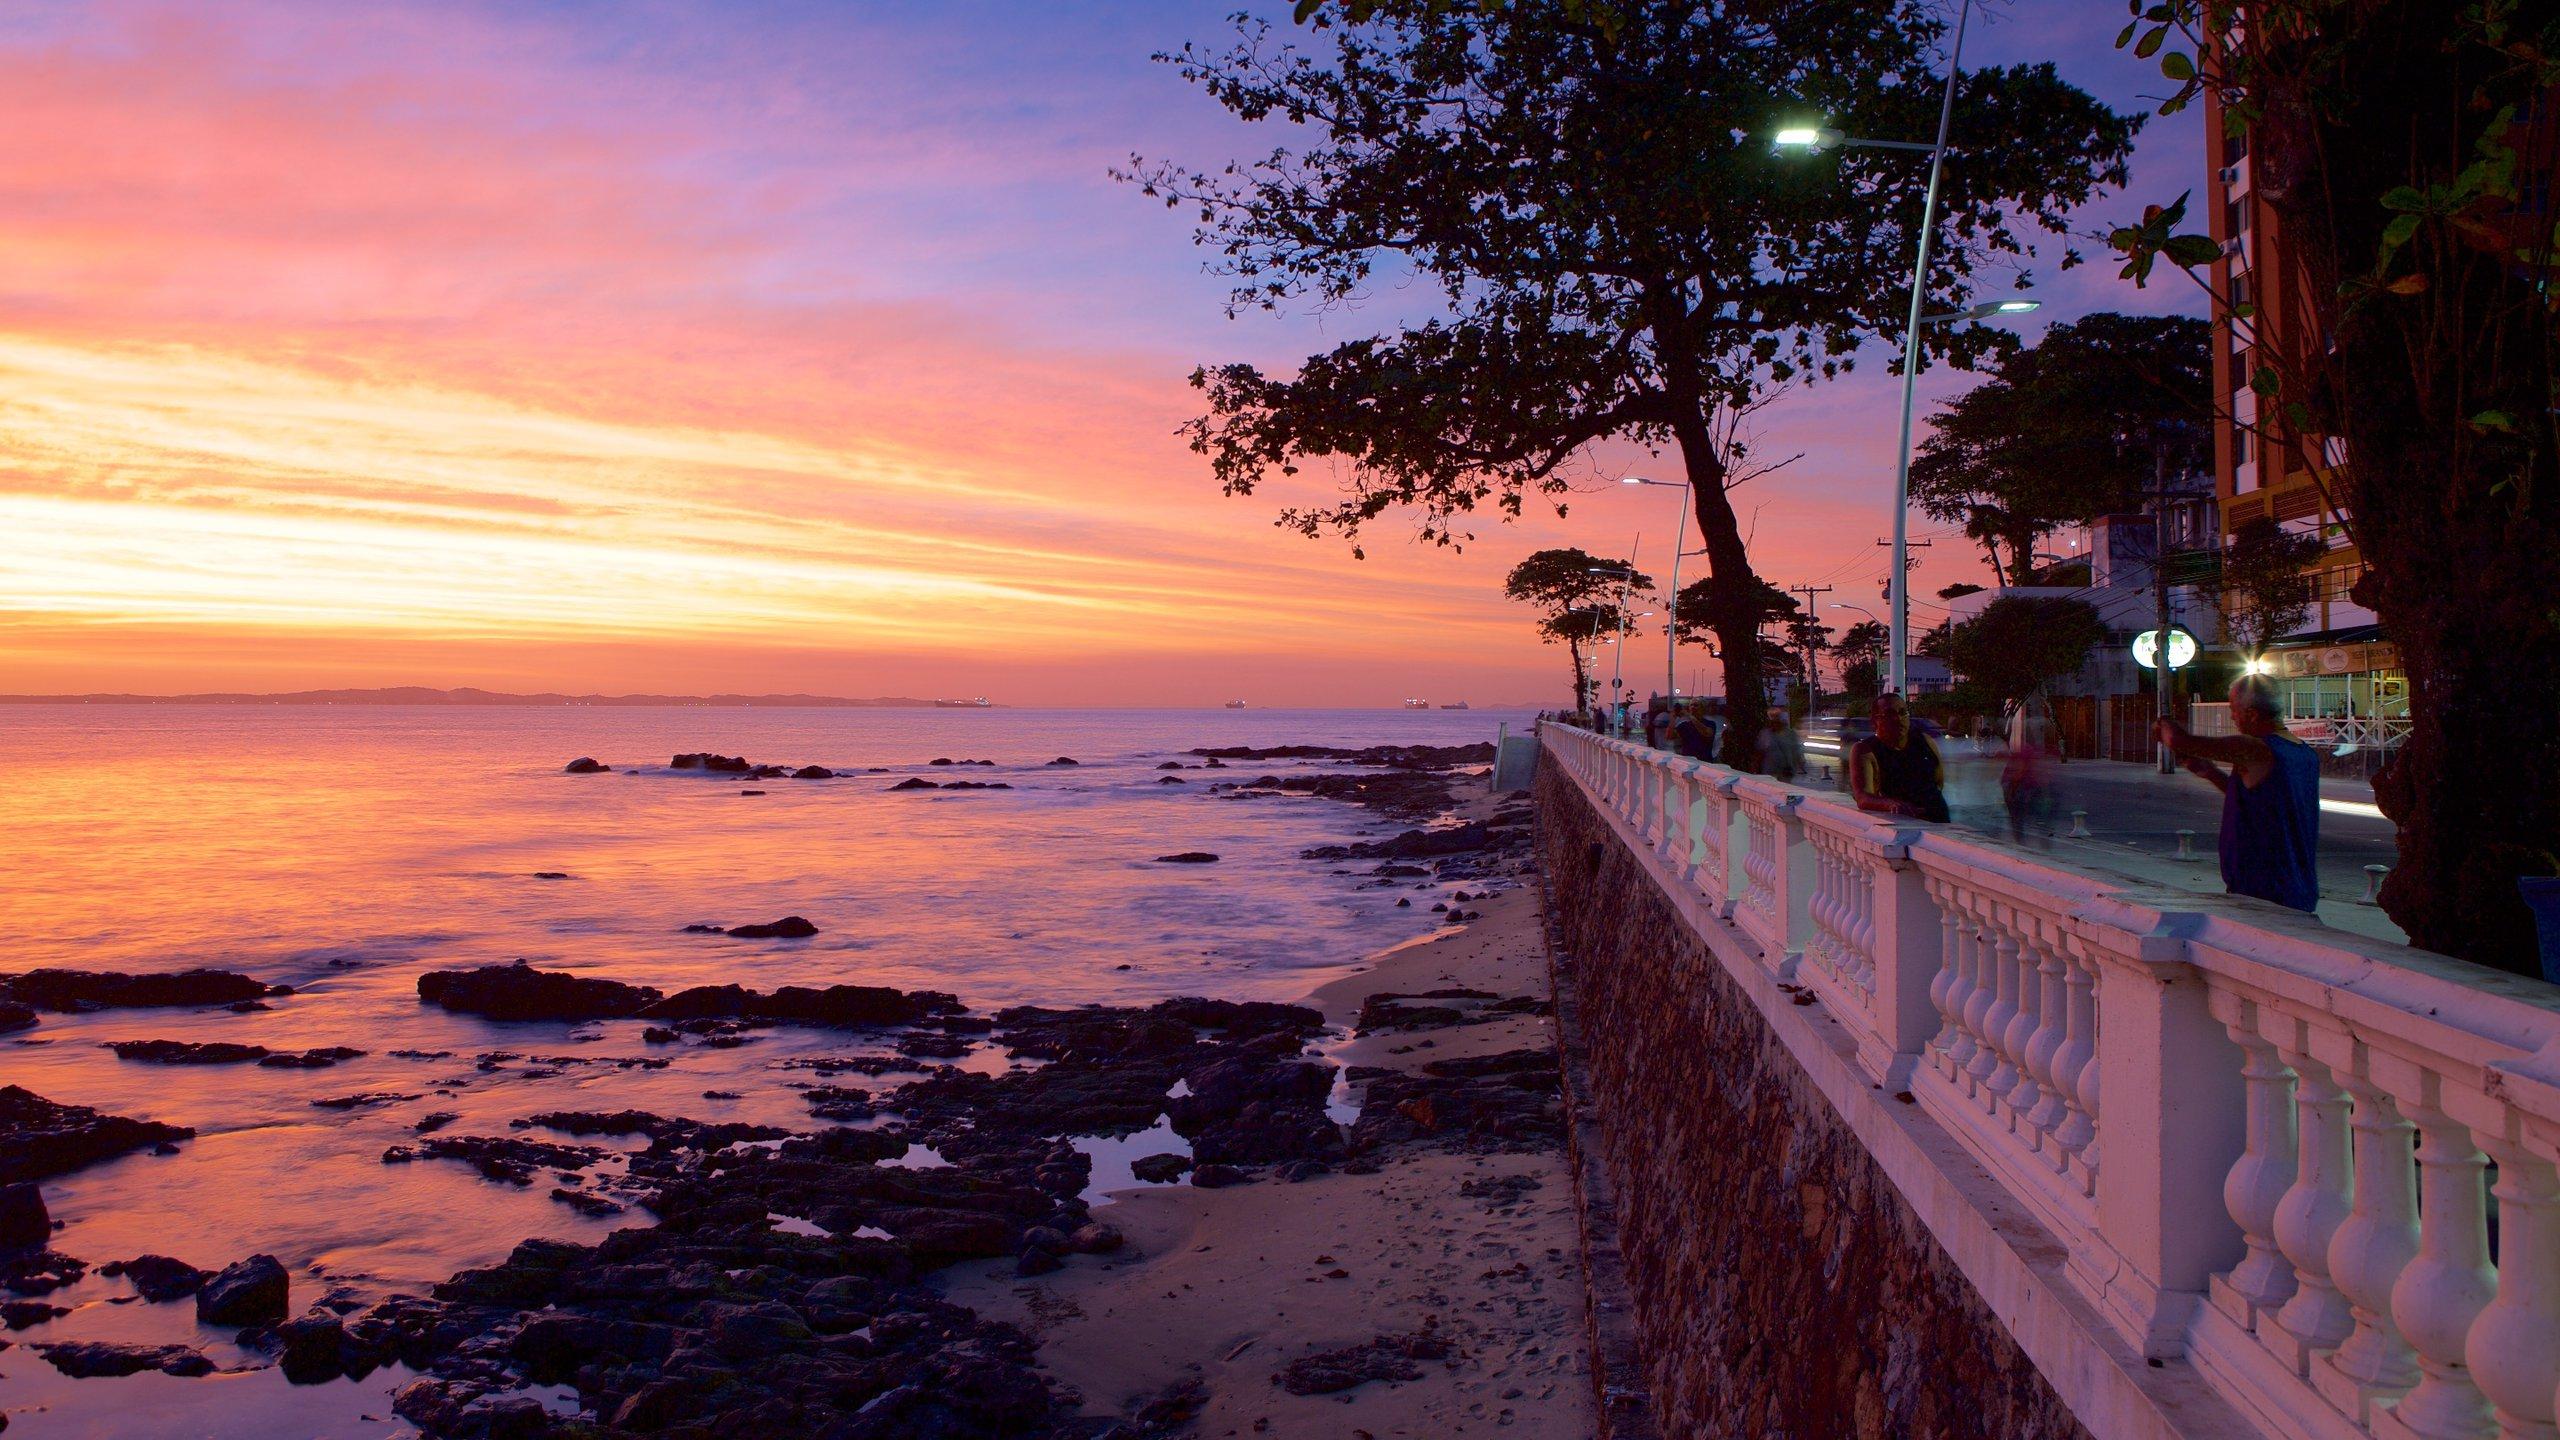 Barra, Salvador, Bundesstaat Bahia, Brasilien